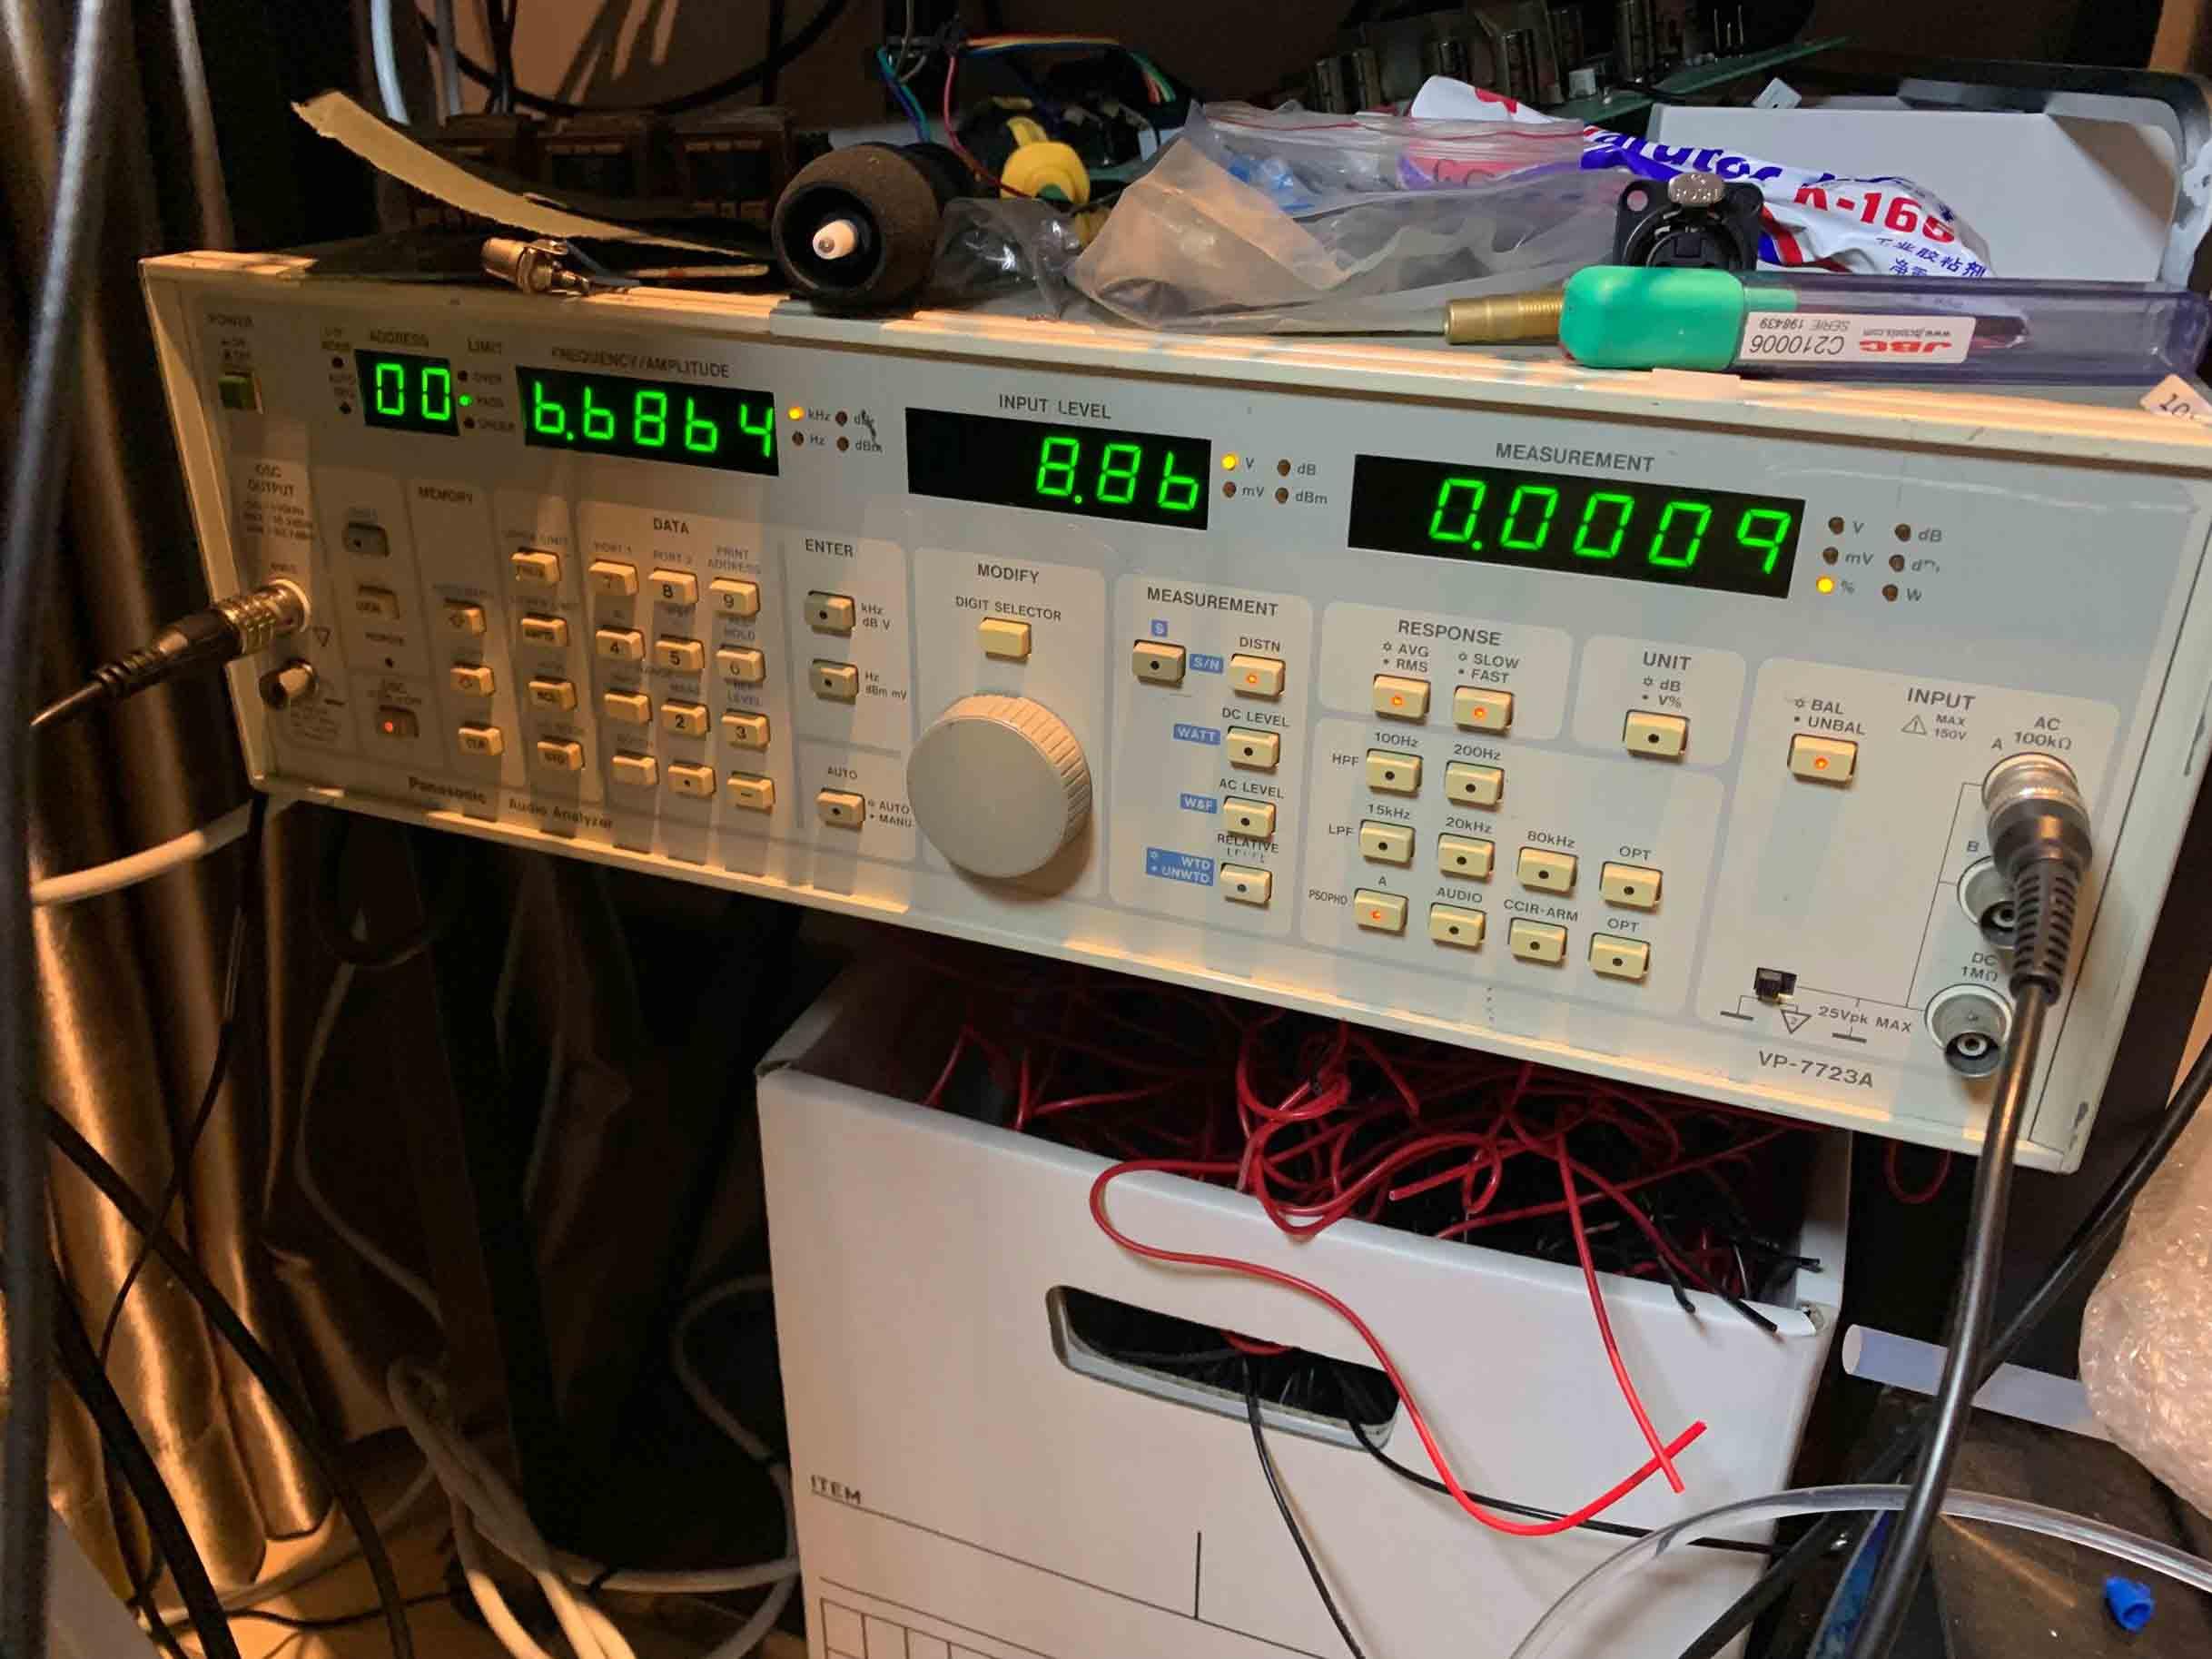 3HJ02XUO9F}XPS6FE{0(DF1.jpg